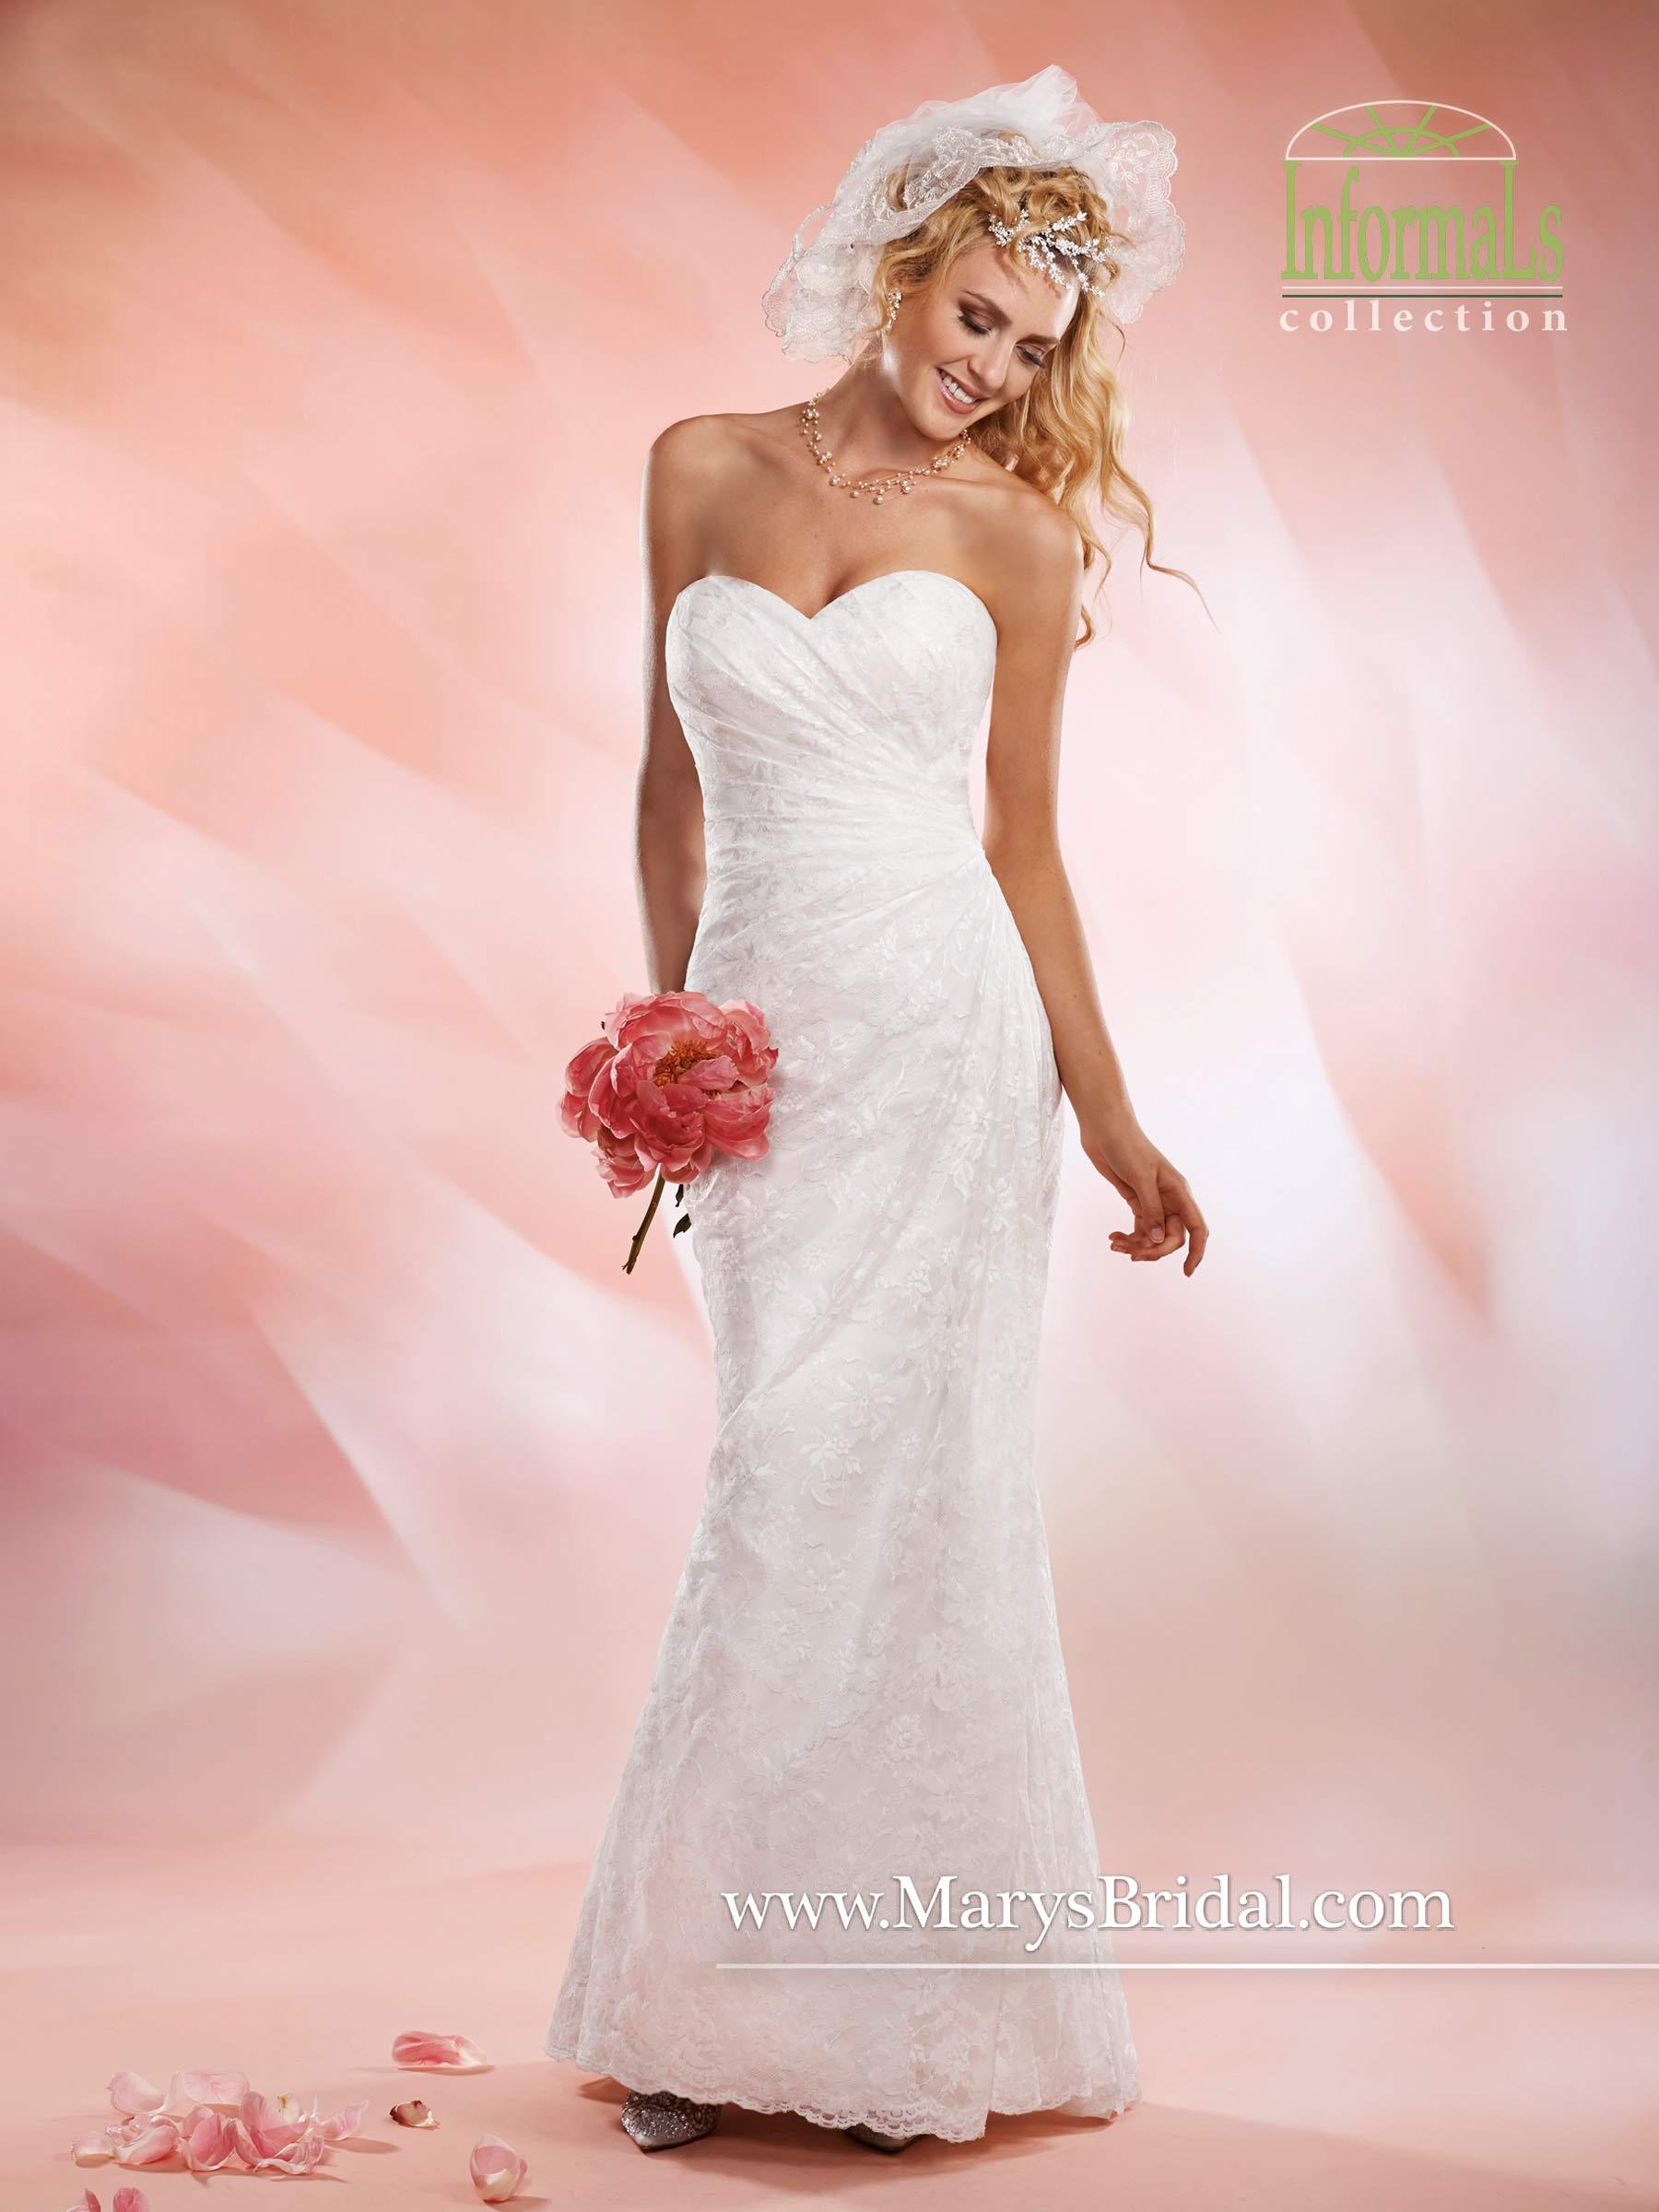 2530-marys bridal